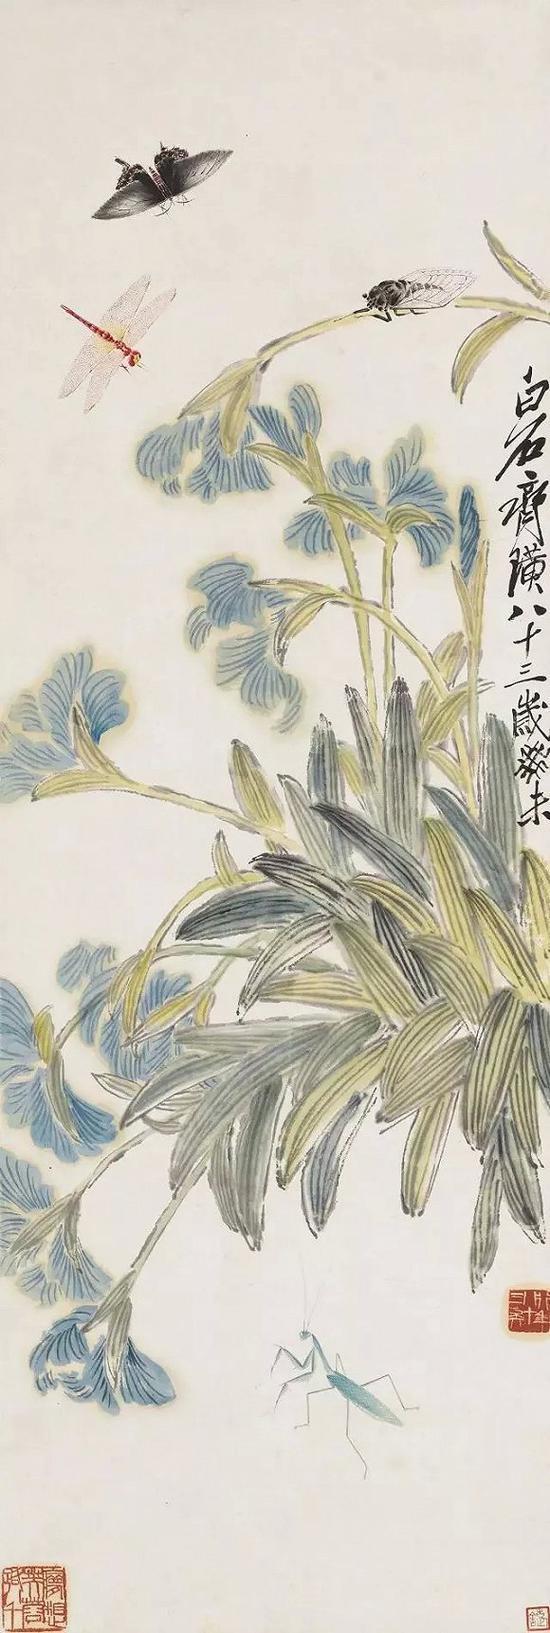 1943年齐白石《工虫鸢尾花》(2013年嘉德春拍 成交价:1840万元)